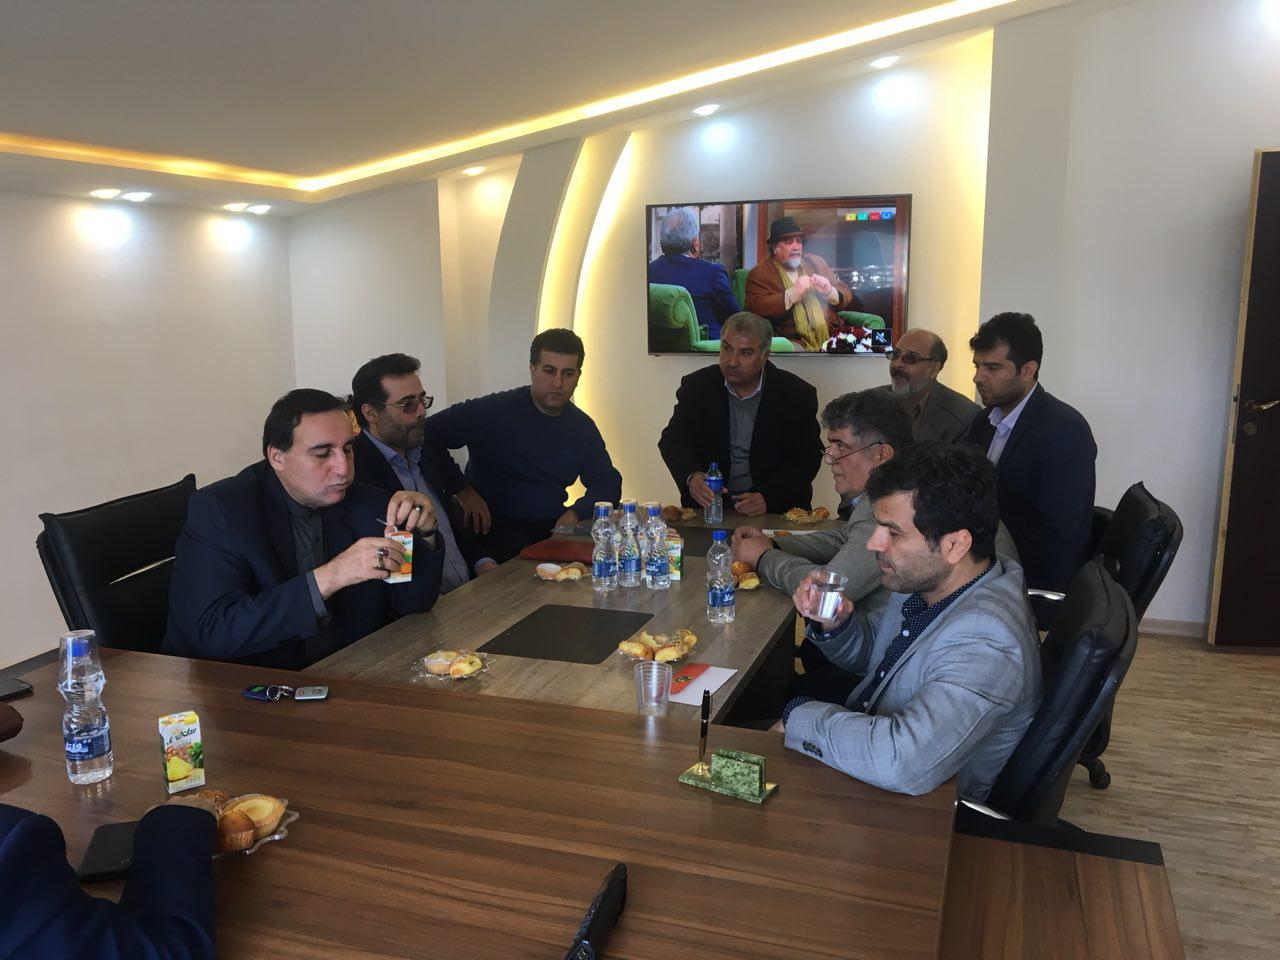 بازدید مدیرعامل بانک ملی استان گیلان از ناحیه کارگاهی رشت